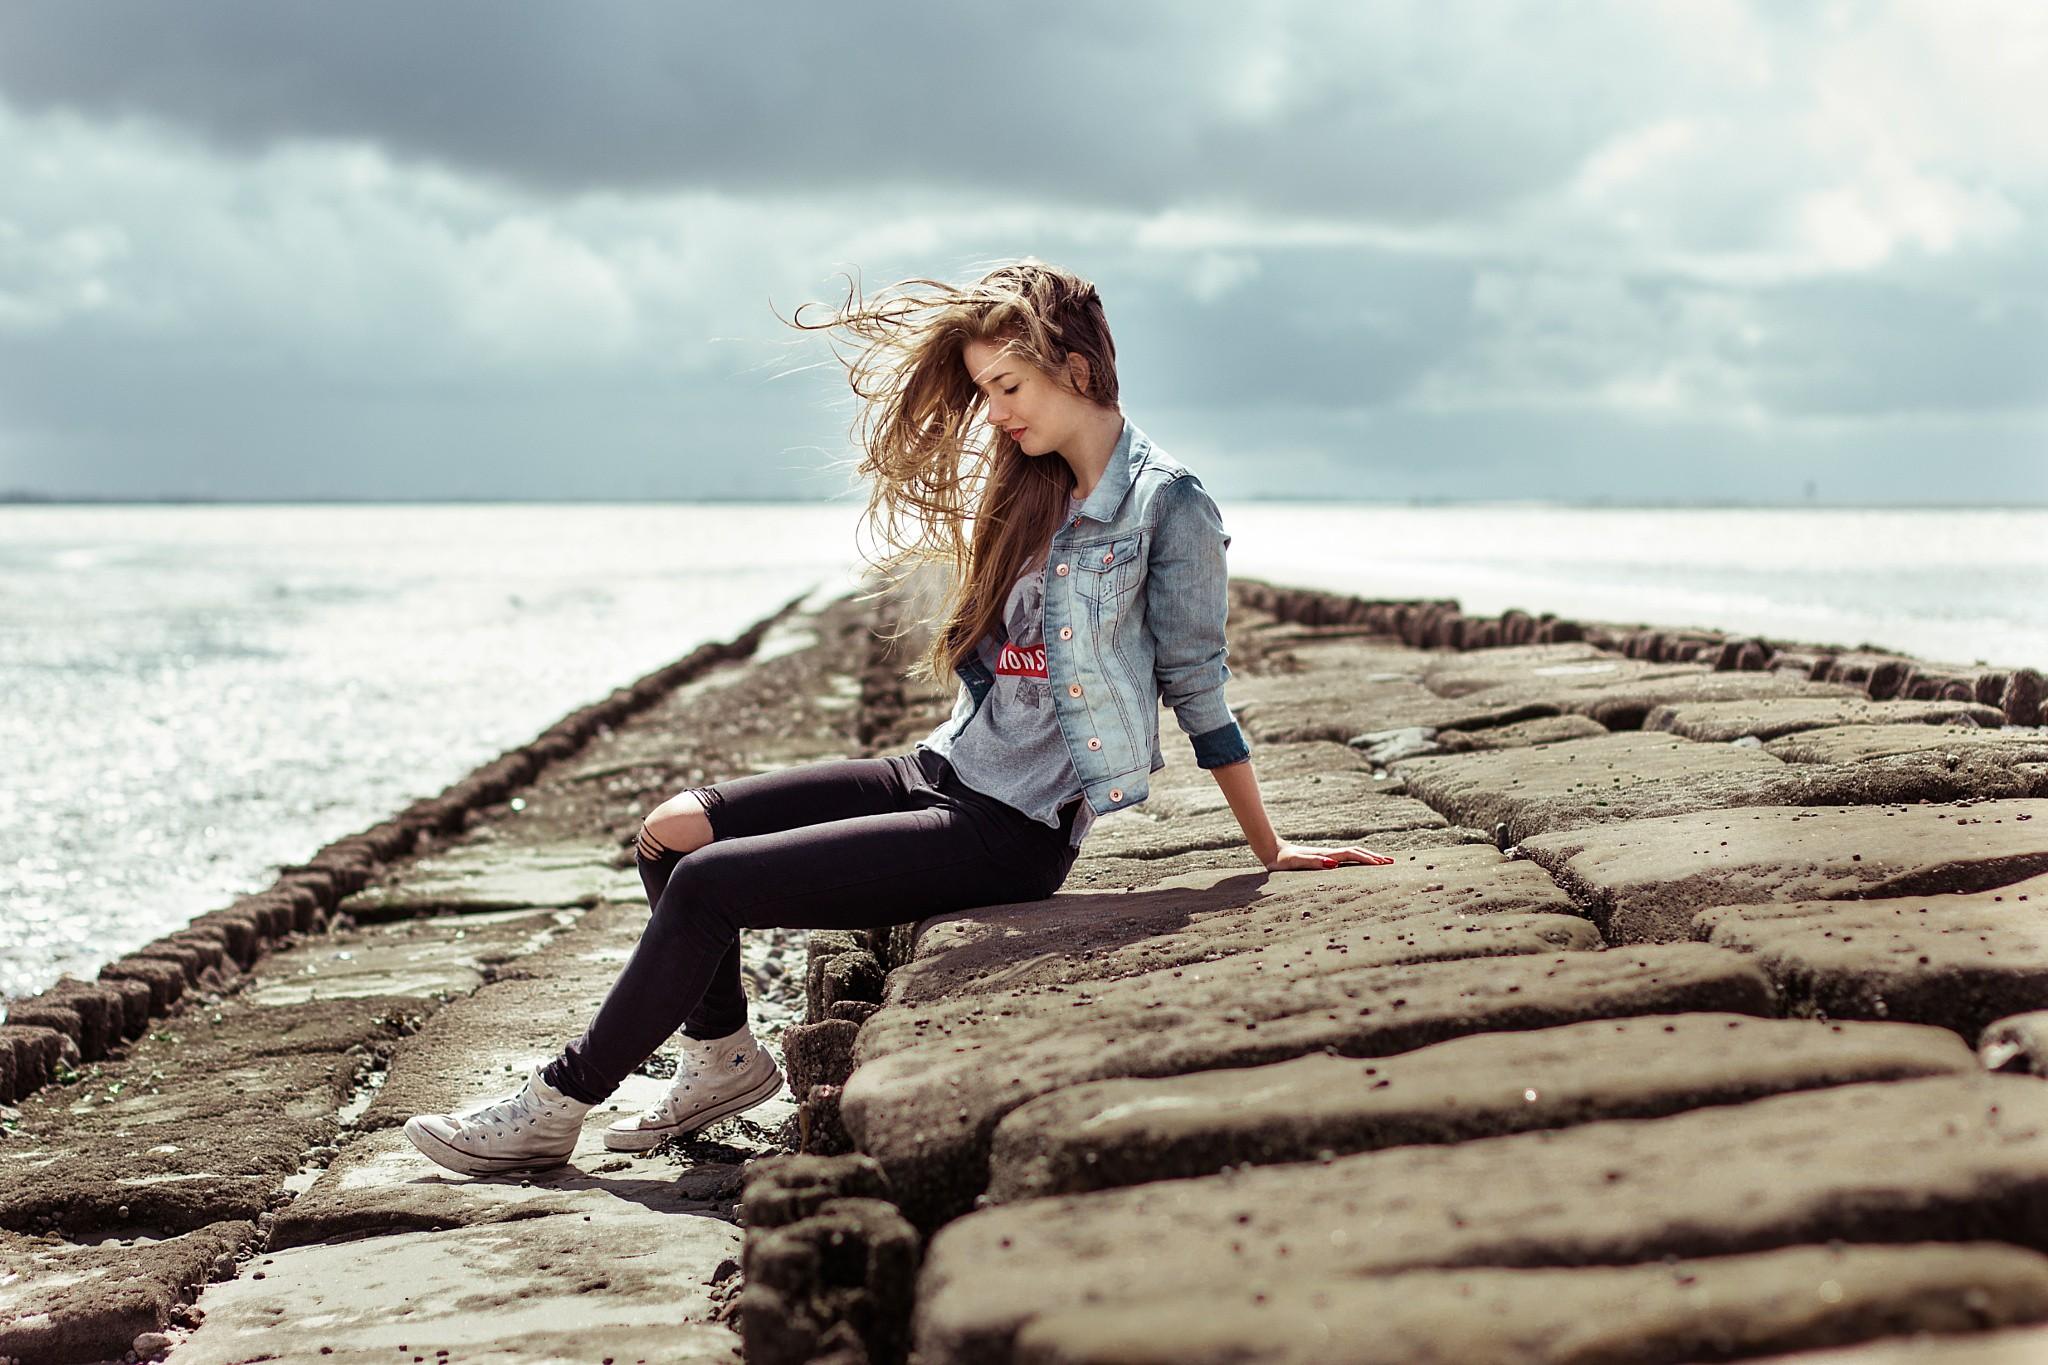 jeans closed eyes torn jeans sitting blonde sneakers women sea sneakers